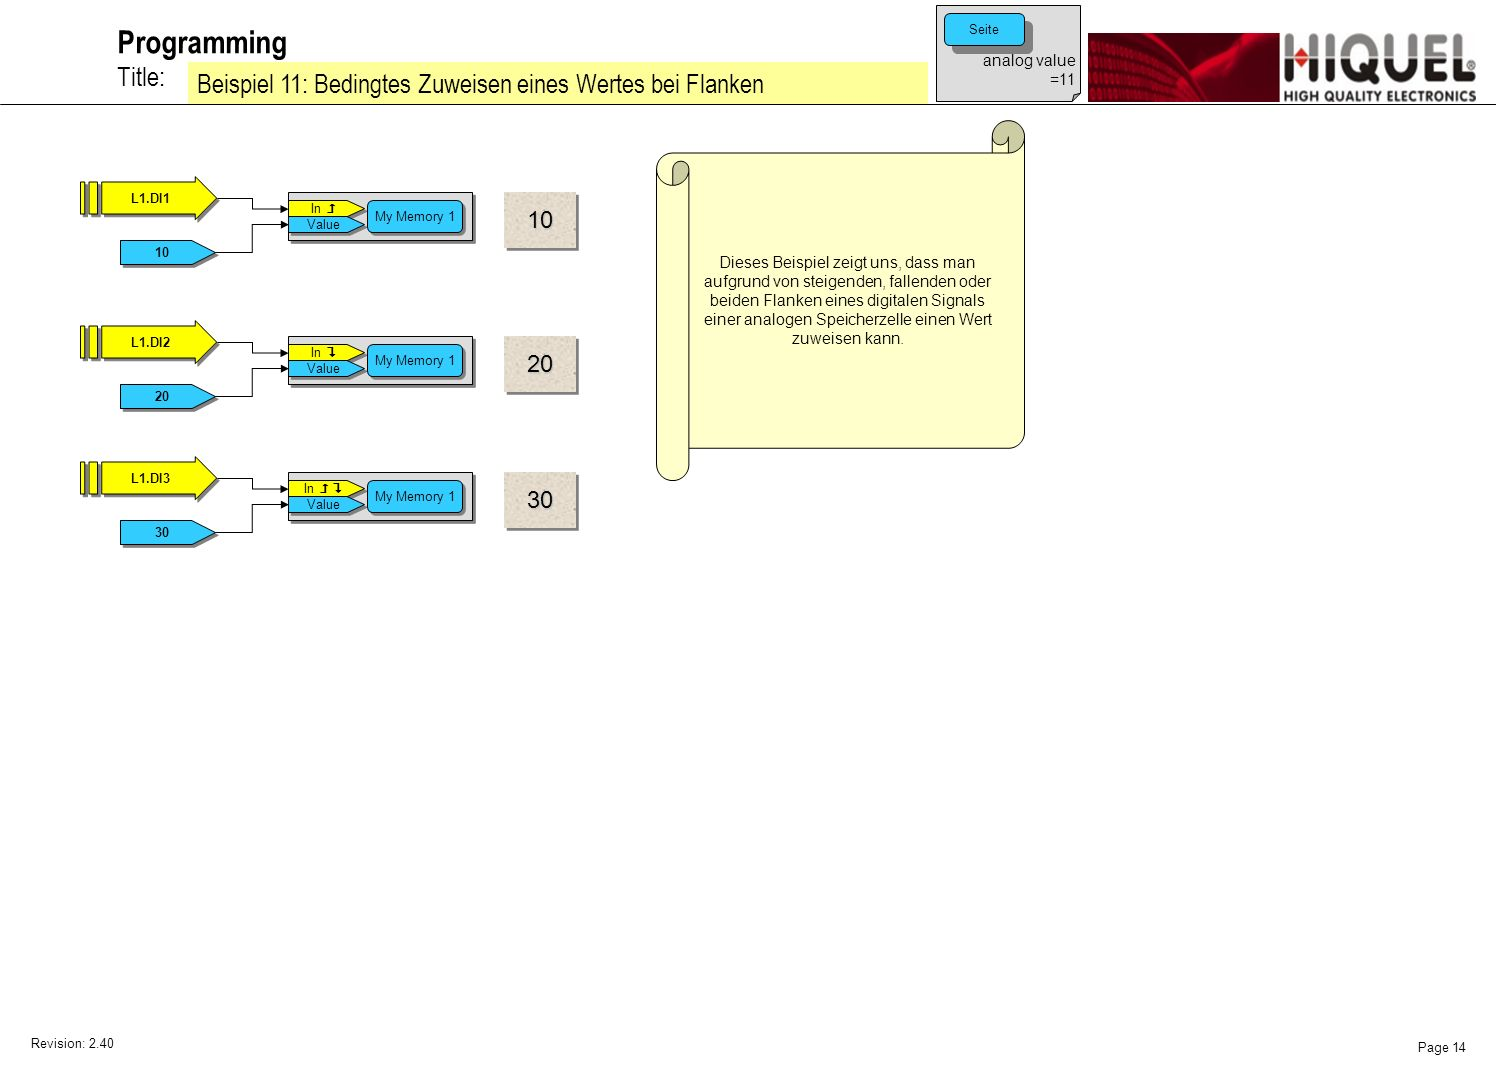 Revision: 2.40 Page 14 Title: Programming Beispiel 11: Bedingtes Zuweisen eines Wertes bei Flanken Dieses Beispiel zeigt uns, dass man aufgrund von steigenden, fallenden oder beiden Flanken eines digitalen Signals einer analogen Speicherzelle einen Wert zuweisen kann.